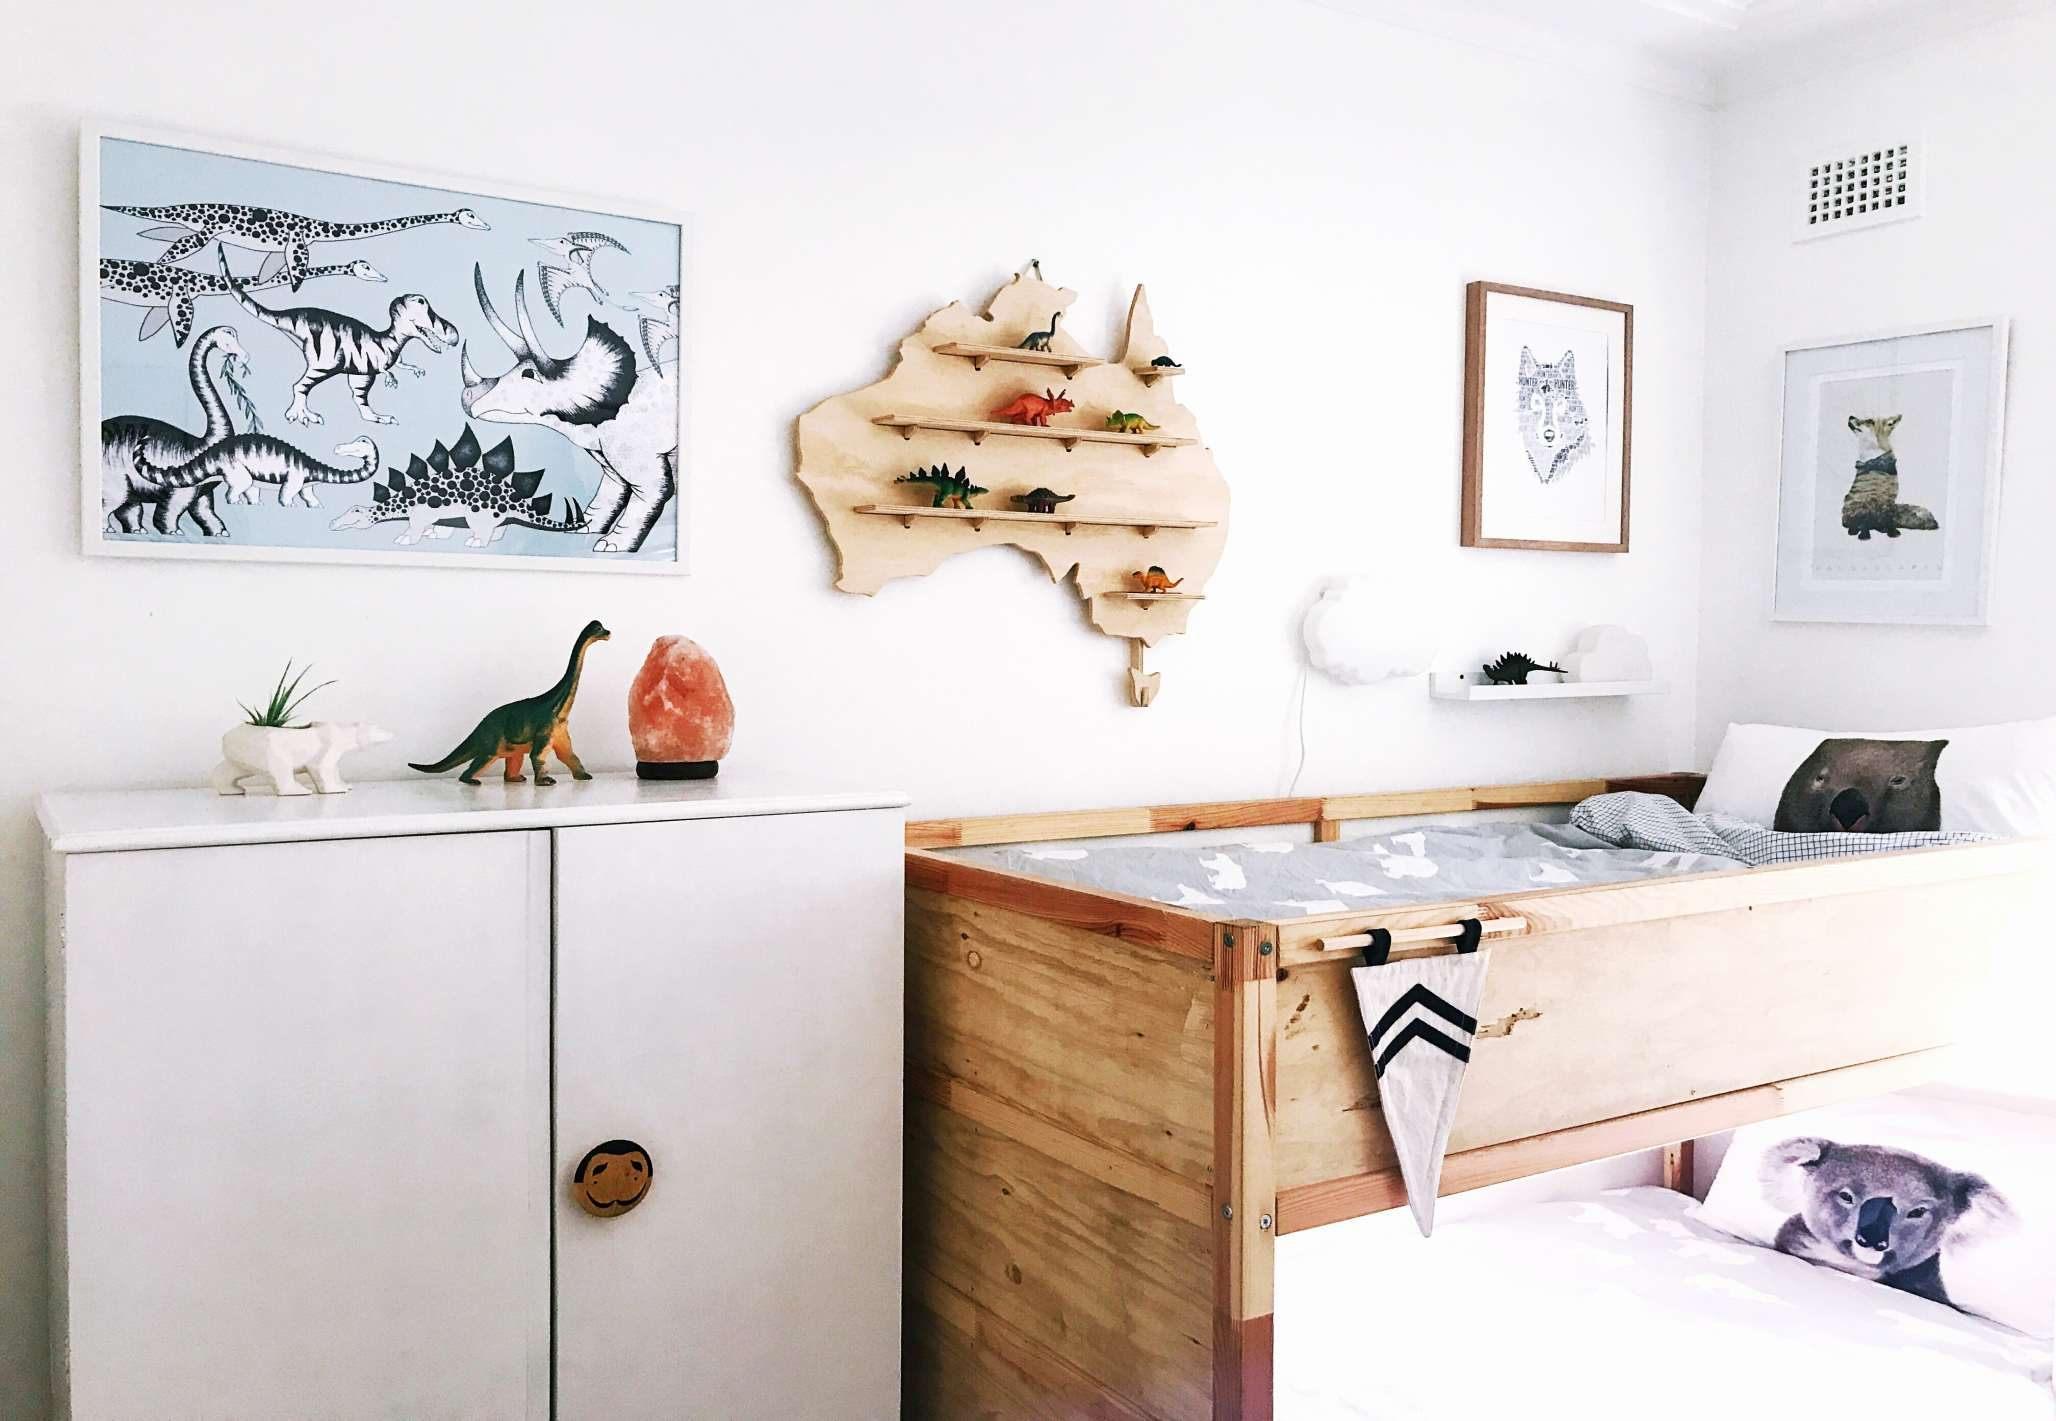 Bout De Lit Ikea Magnifique Ikea Kura Hack Fresh Kura Reversible Bed White Pine 90 X 200 Cm Ikea